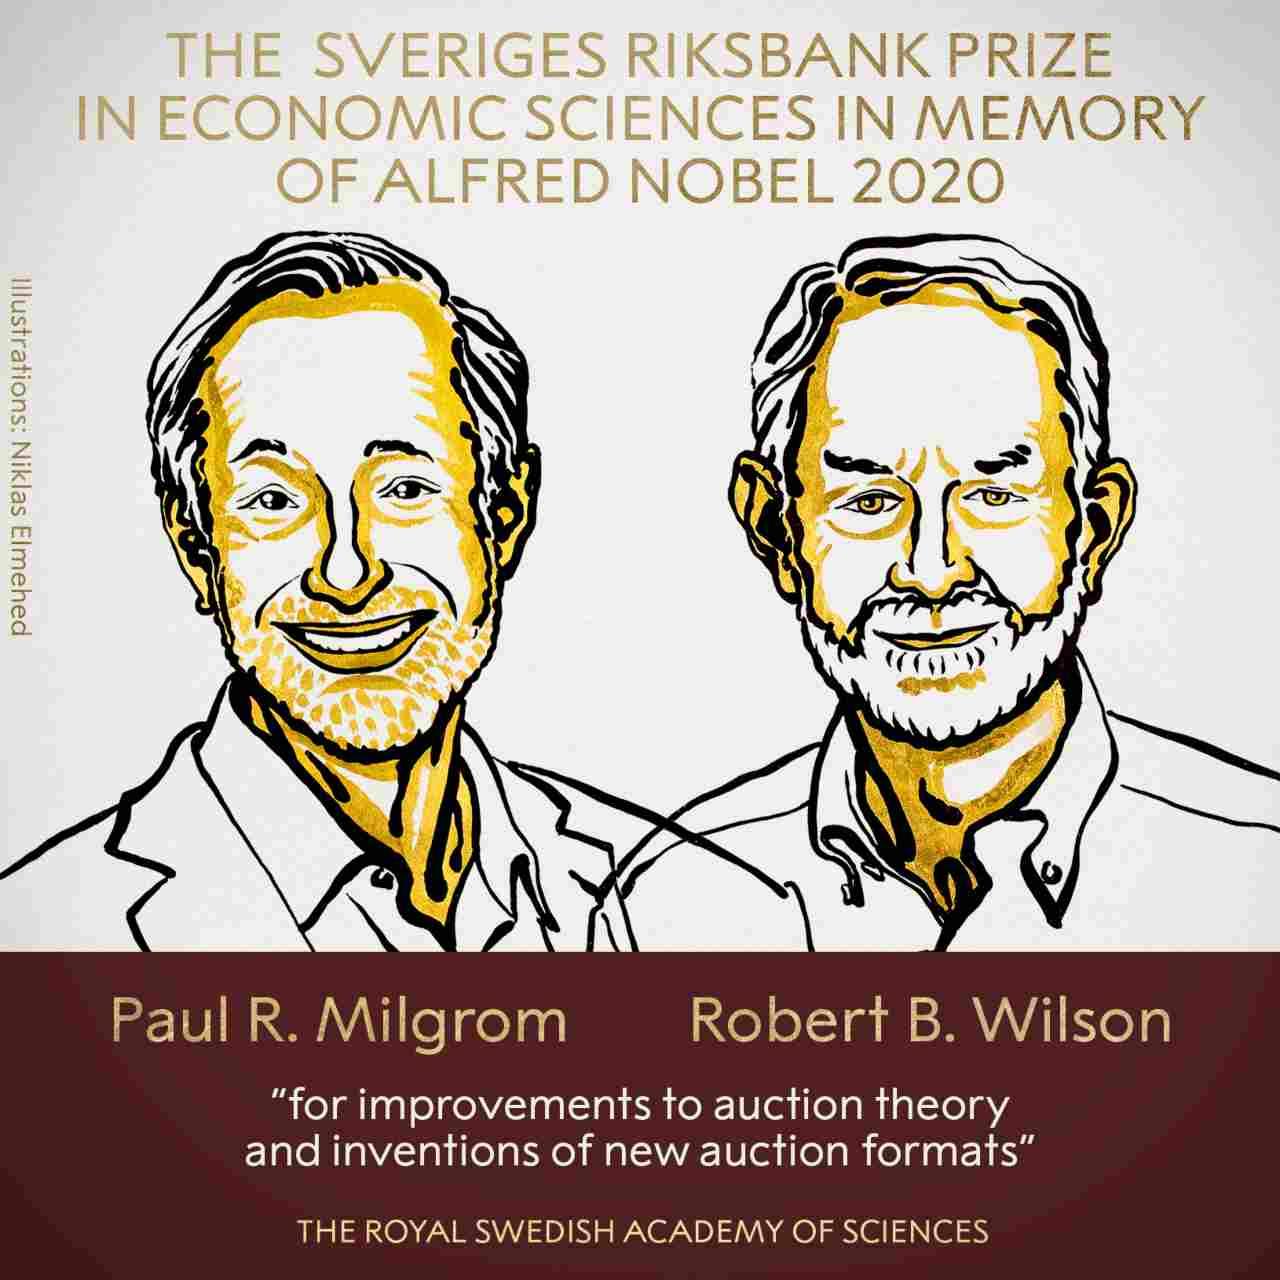 Prix Nobel d'économie décerné à Paul Milgrom et Robert Wilson pour leurs contributions et l'innovation dans la théorie des enchères